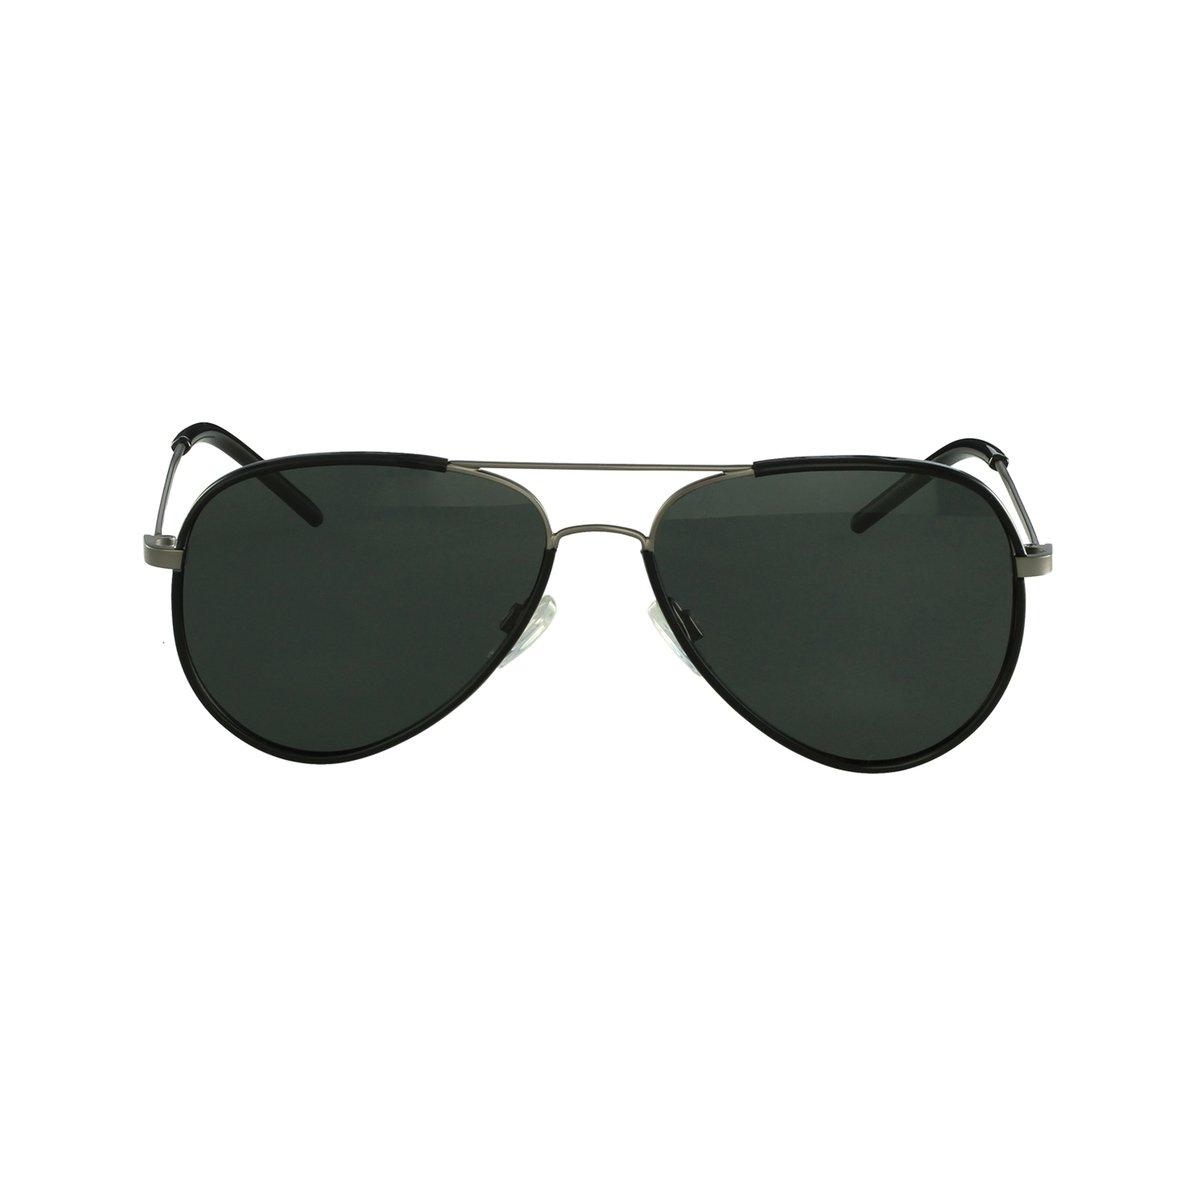 8d364a97bf77f Óculos De Sol Polaroid Aviador - Compre Agora